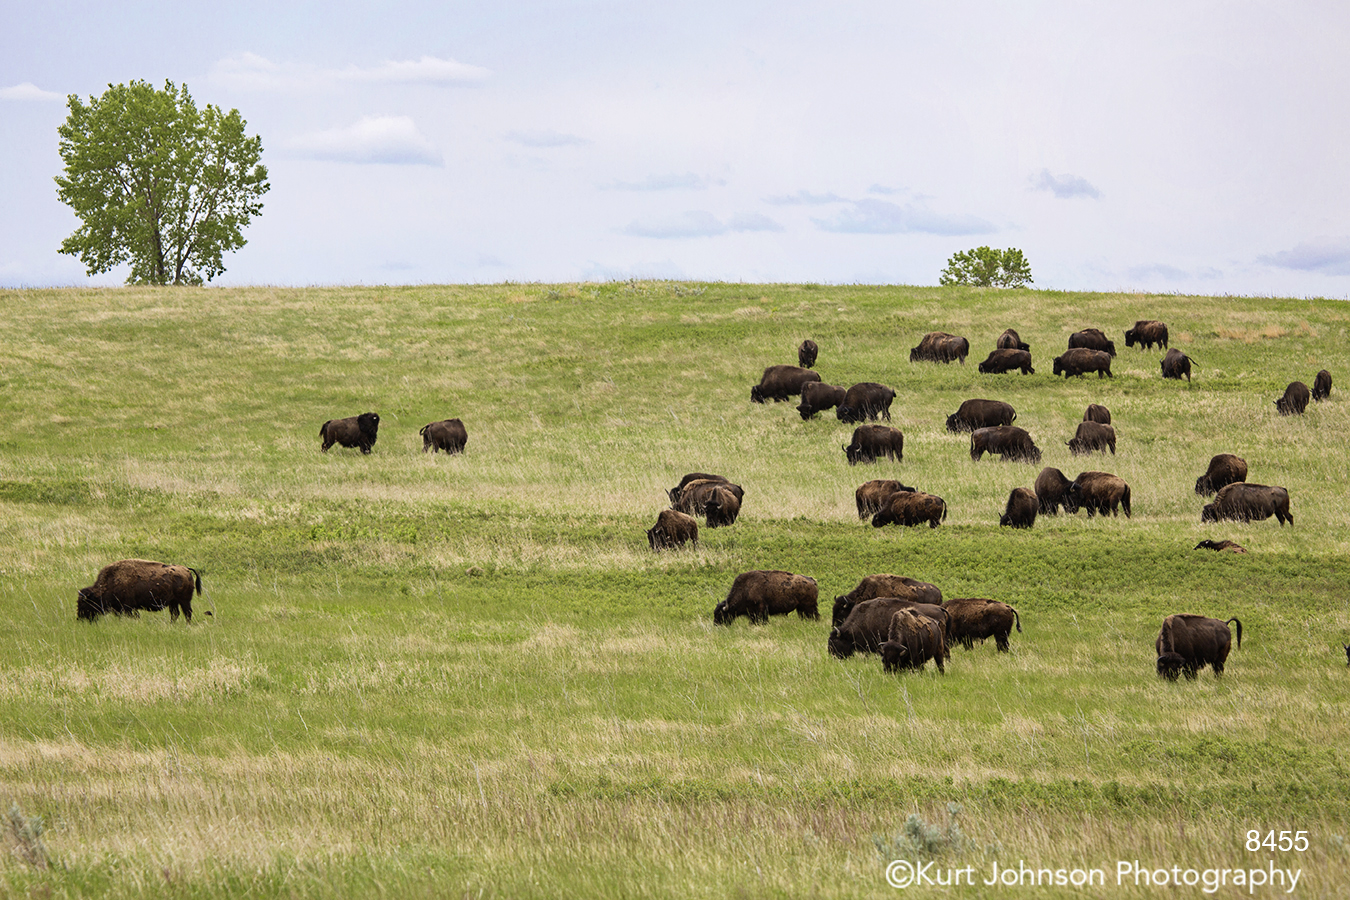 animals wildlife buffalo landscape